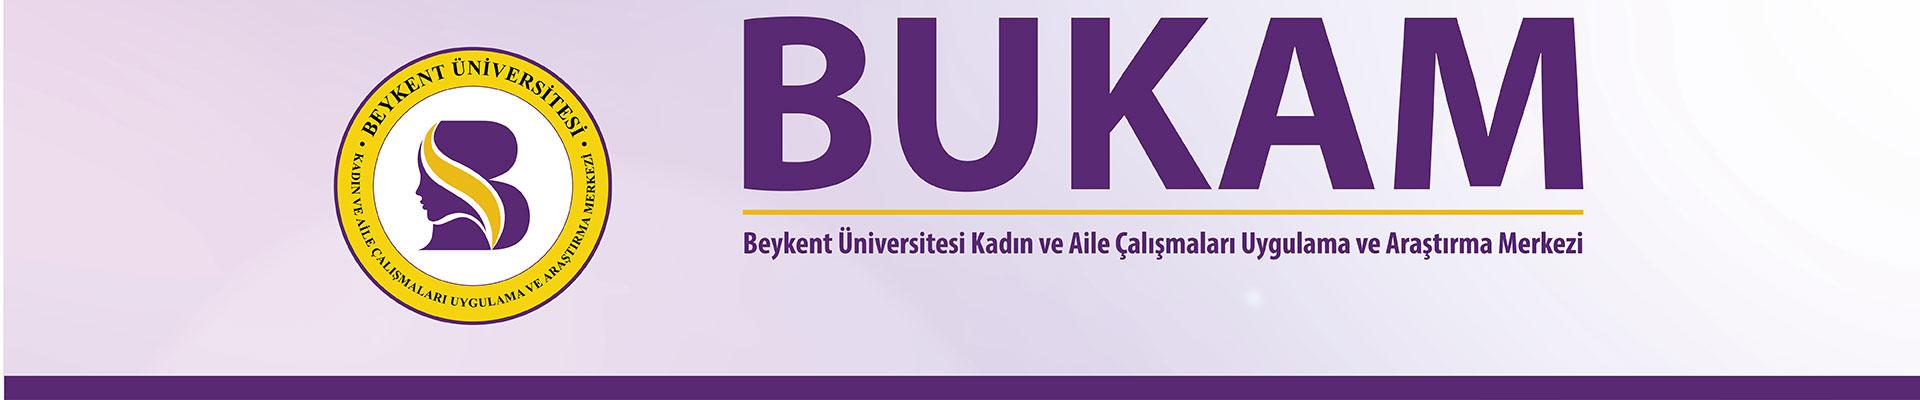 BUKAM